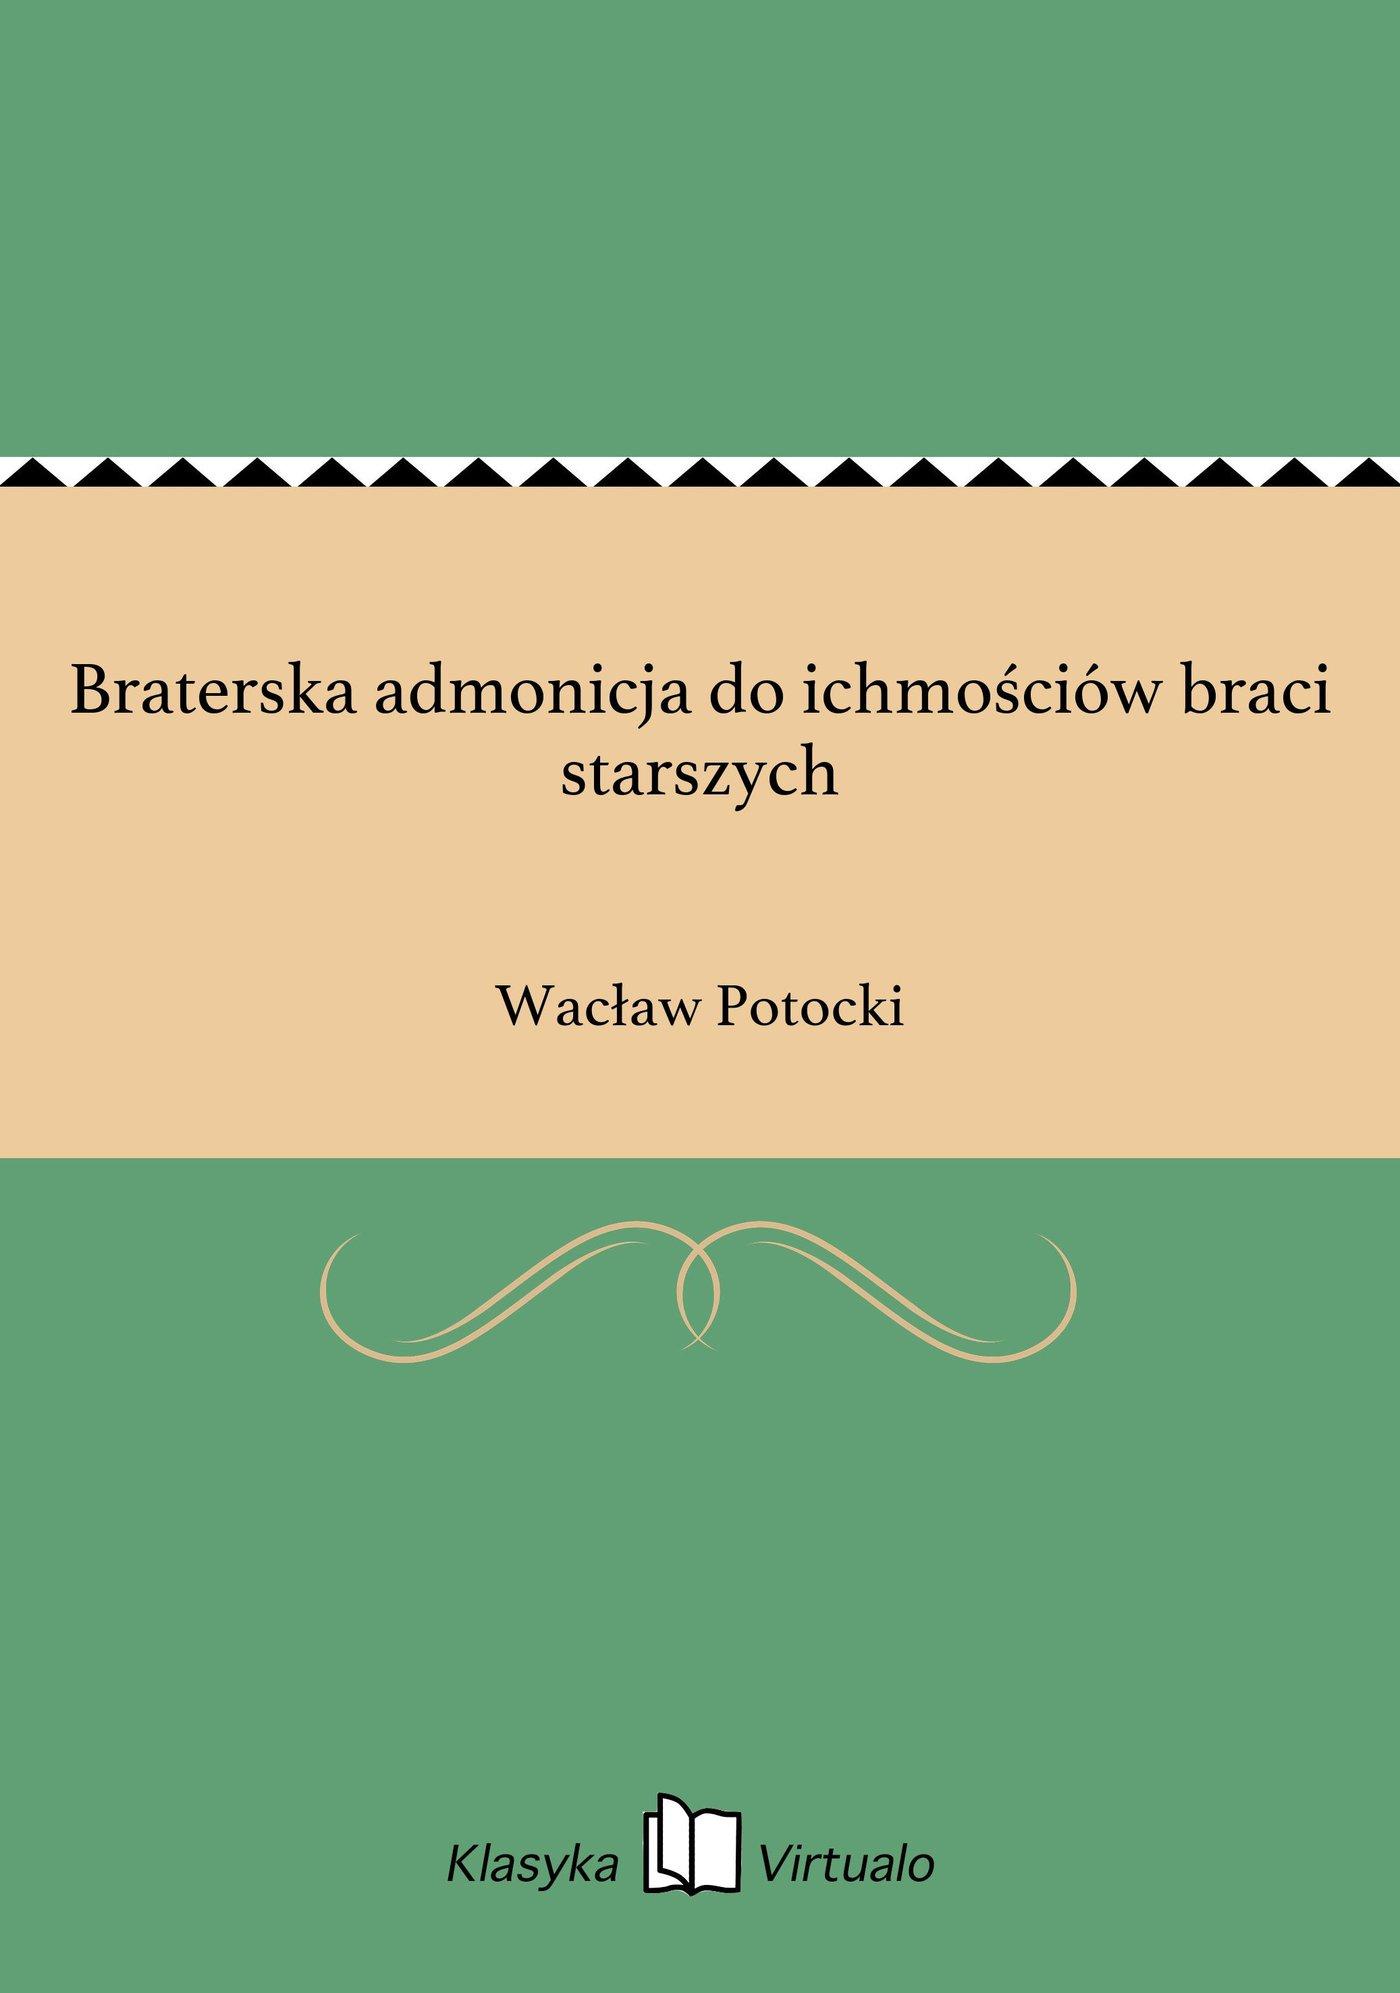 Braterska admonicja do ichmościów braci starszych - Ebook (Książka EPUB) do pobrania w formacie EPUB